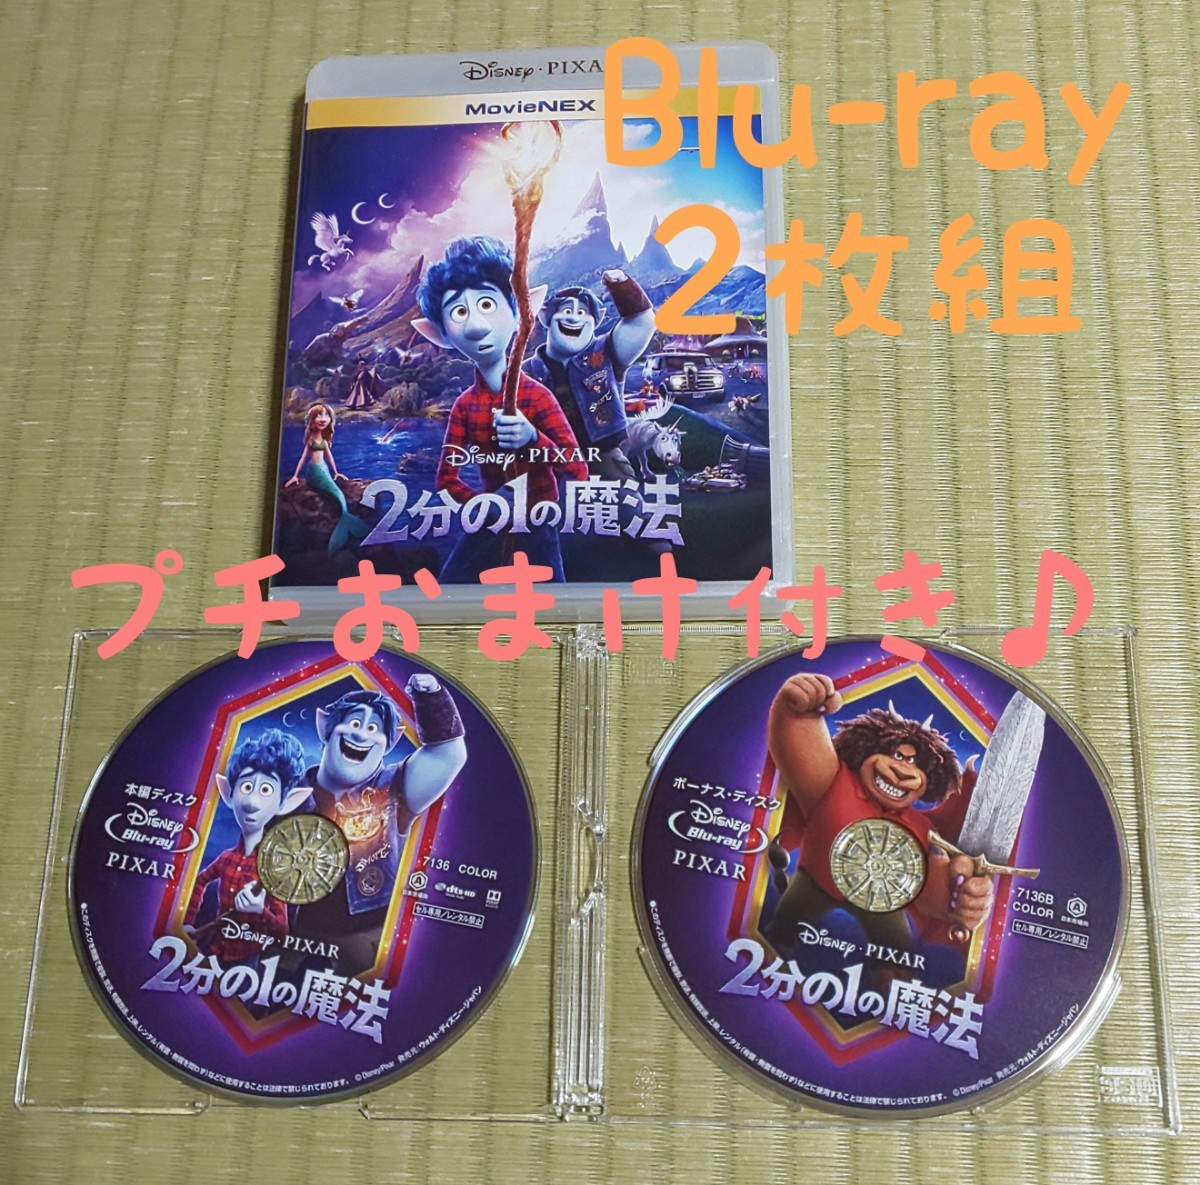 ★未再生Blu-ray★ 2分の1の魔法 ブルーレイ BD ディズニー MovieNEX Disney ピクサー Pixar